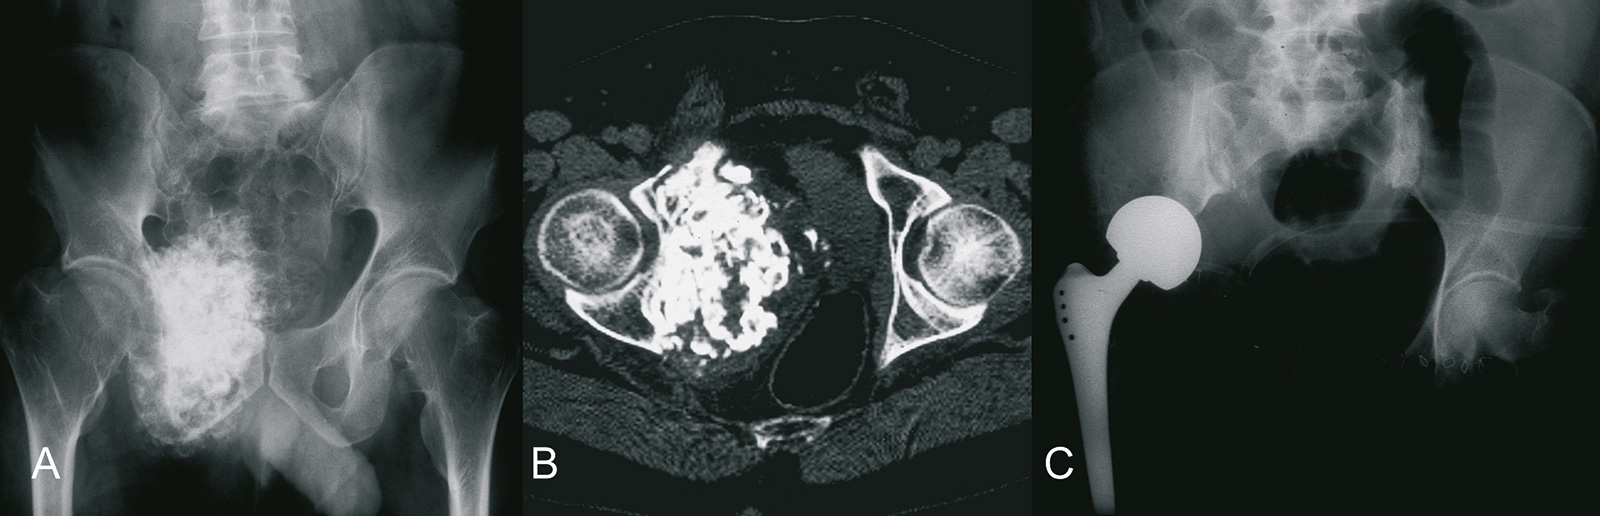 Abb. 8-64: G2 Chondrosarkom des Schambeins: natives Röntgenbild (A) und CT (B), nach P2, 3 Beckenteilresektion und Hüftverschiebeplastik (Eigentum des Instituts für Klinische Radiologie der Universität Münster)